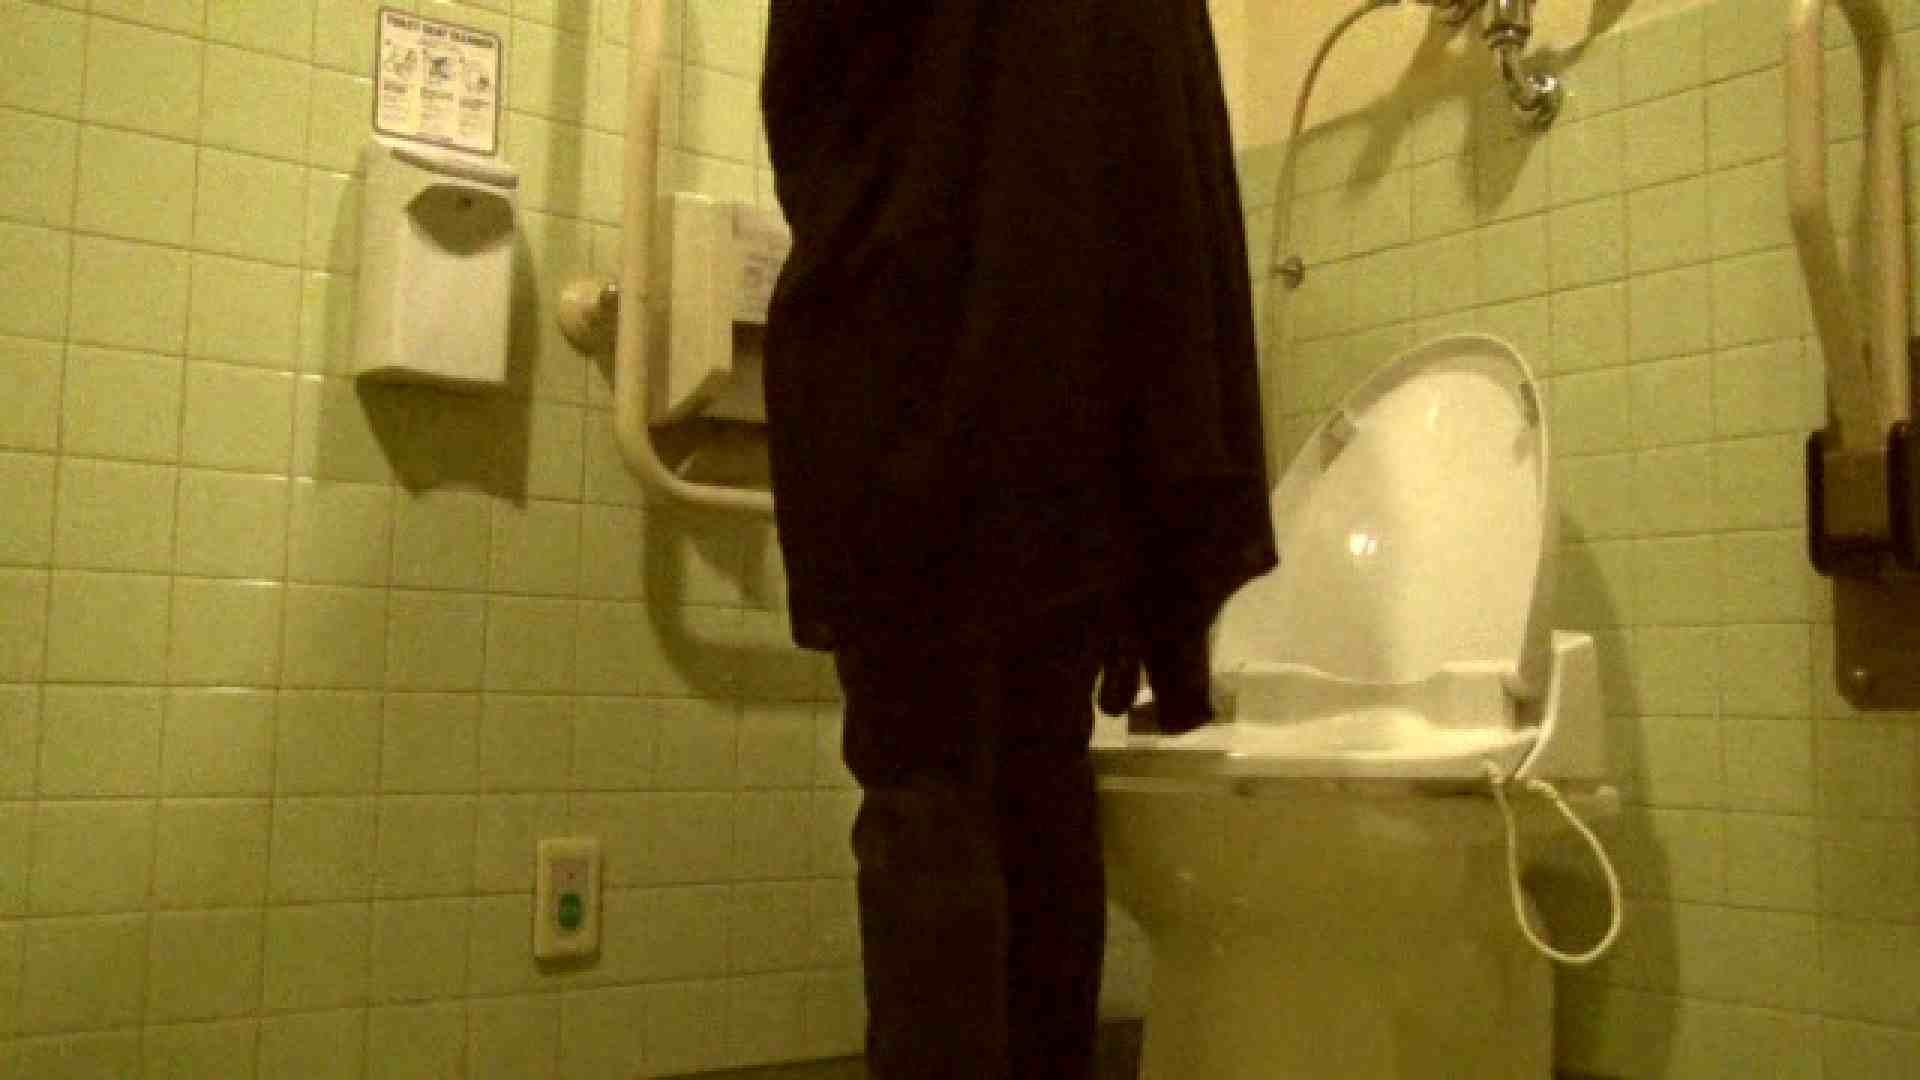 魔術師の お・も・て・な・し vol.26 19歳のバーの店員さんの洗面所をしばし… 美しいOLの裸体 | イタズラ  73pic 13